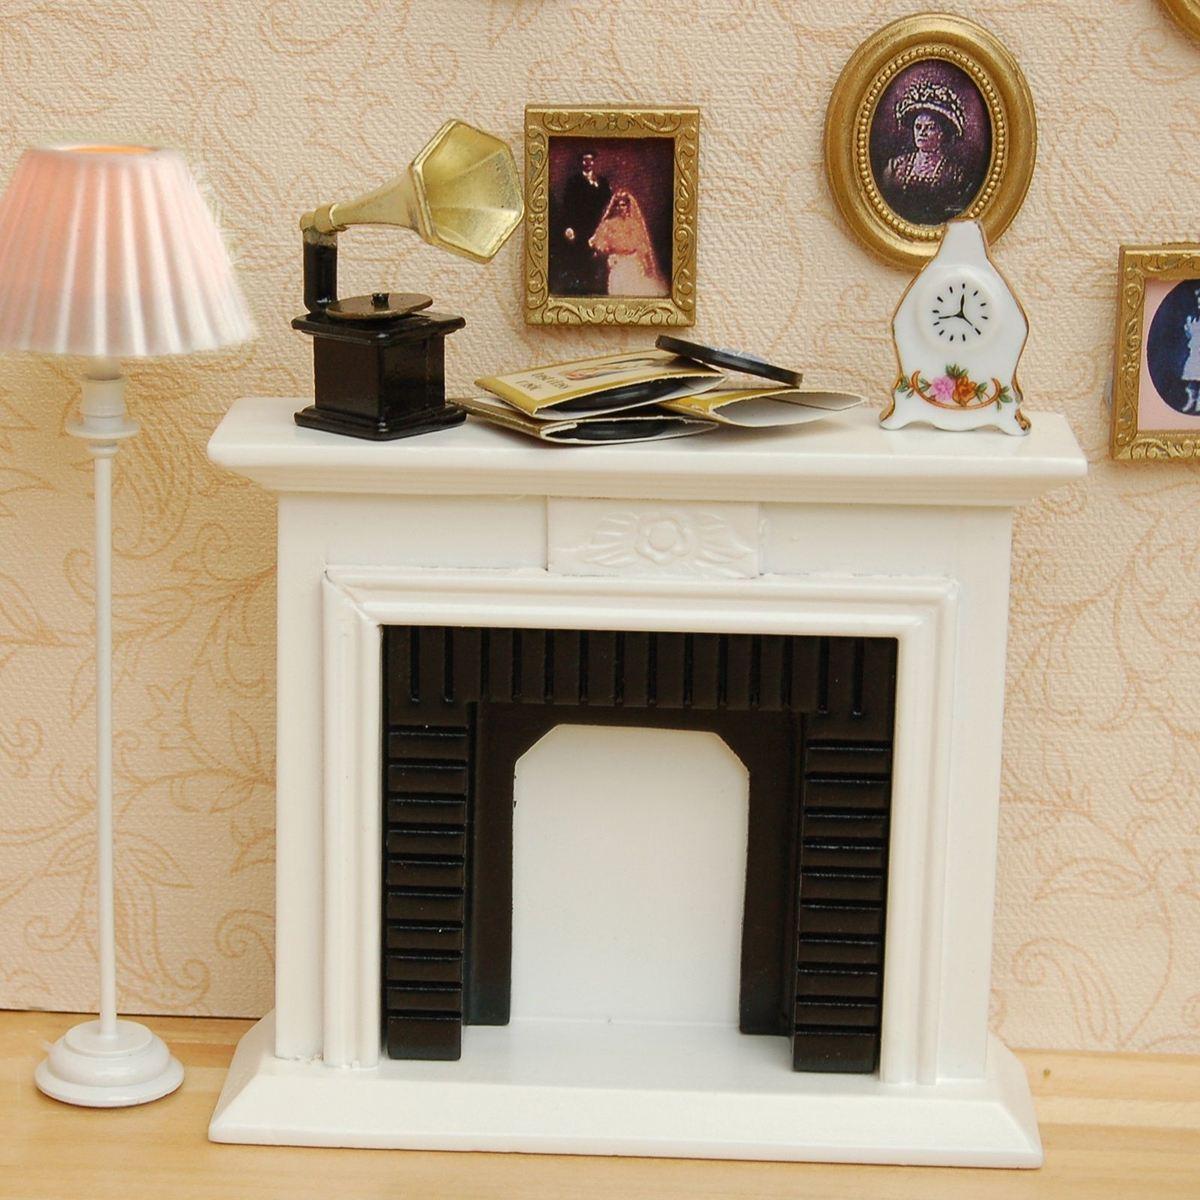 1/12 escala DIY hecho a mano chimenea blanca casa de muñecas decoración muebles accesorios Kits Mini juguetes regalo para niños